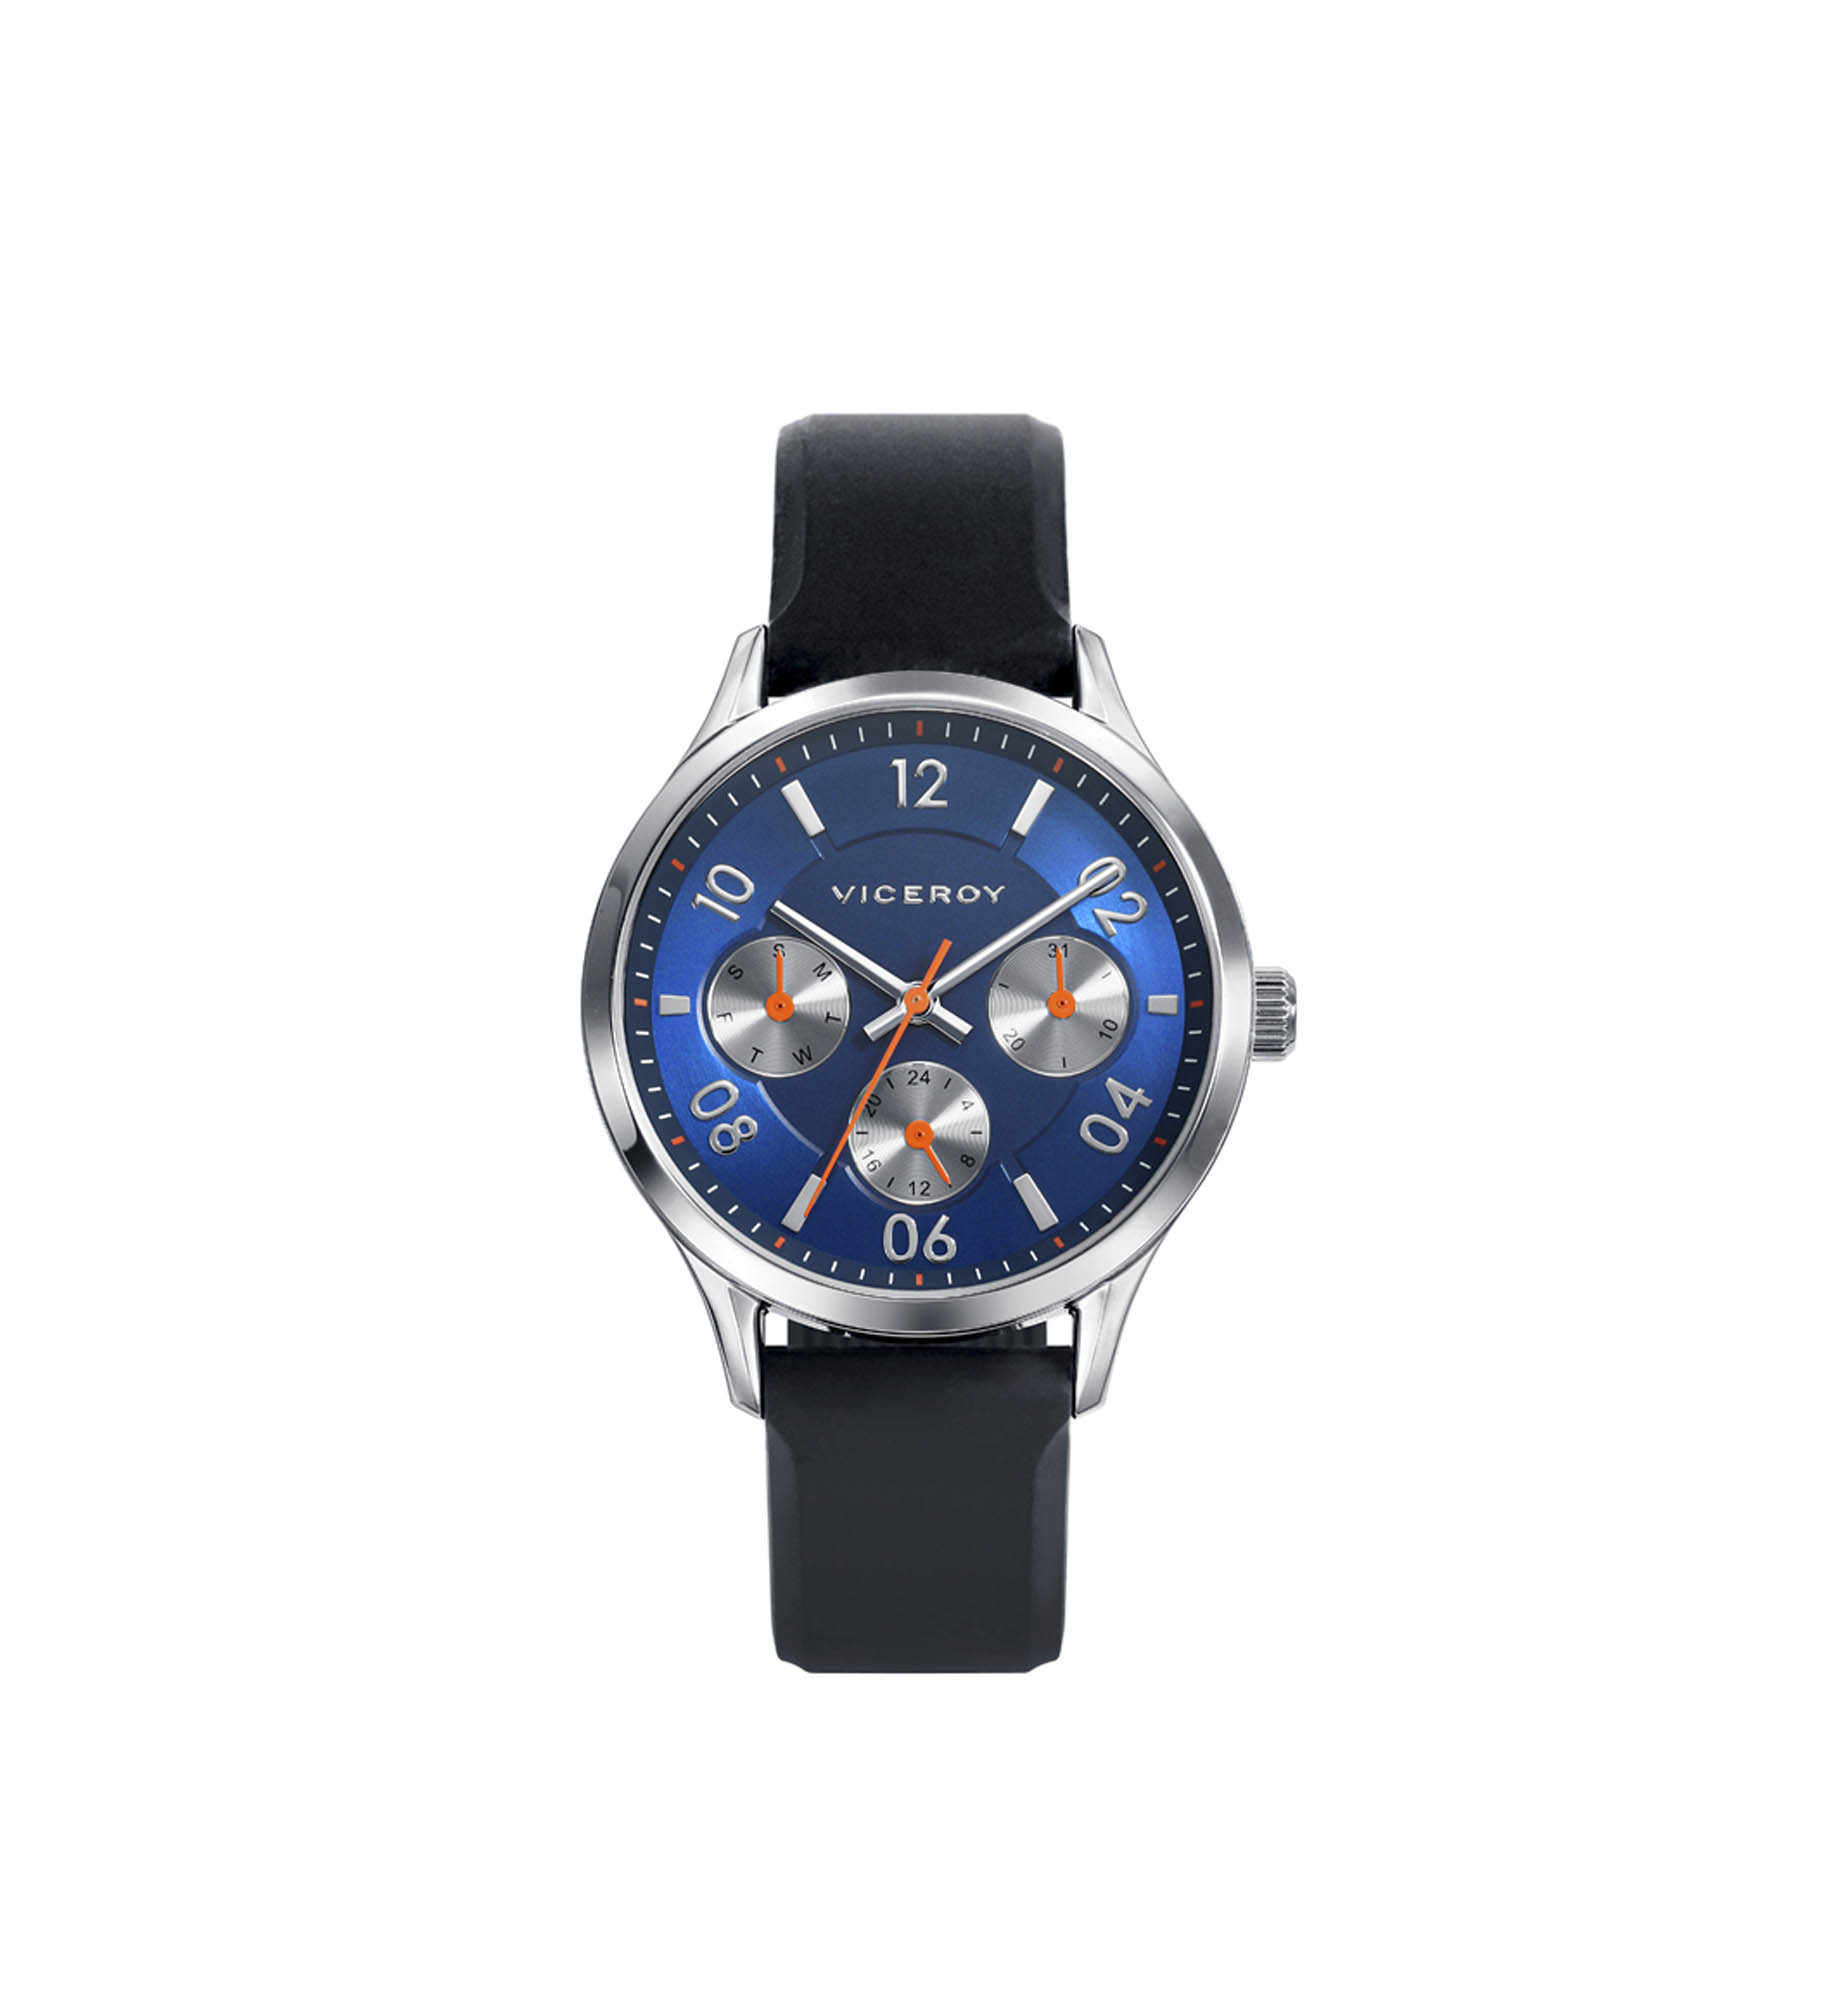 79b577b4098 Reloj Comunión niño Viceroy 401099-35 - Joyería Amores. Tienda online joyas  personalizadas y artesanales